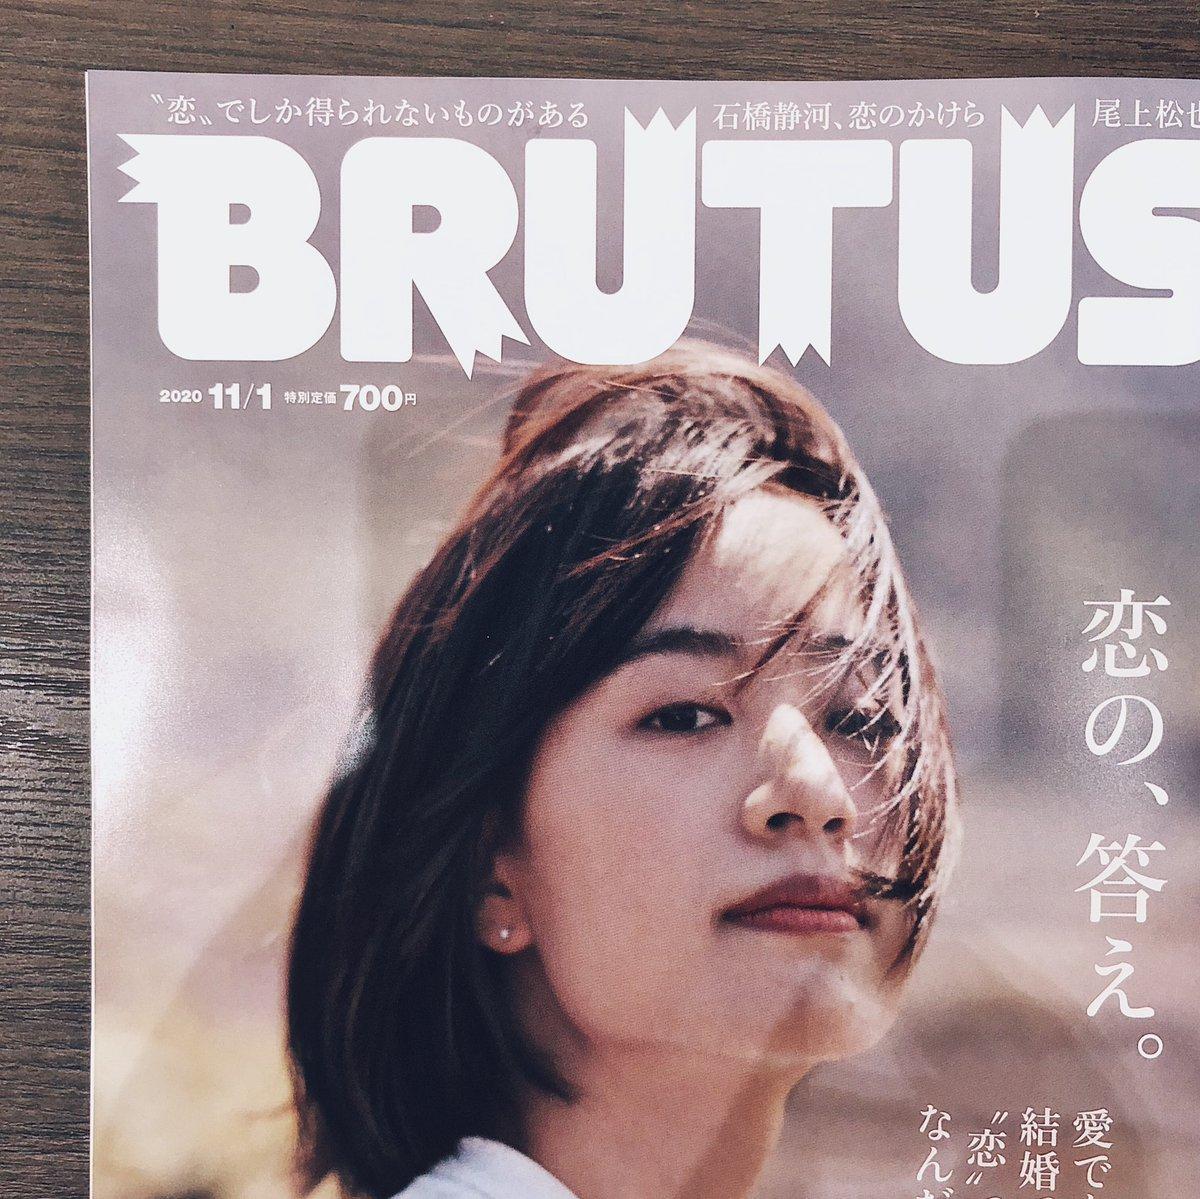 今発売中の恋愛特集のBRUTUSで井浦新さんと蓑虫山人の話しています。恋愛特集とは関係はありませんが、僕も井浦さんも蓑虫山人も縄文時代に恋してるといえば関係しているかもしれません。#brutus#蓑虫山人#蓑虫放浪#歩くひと